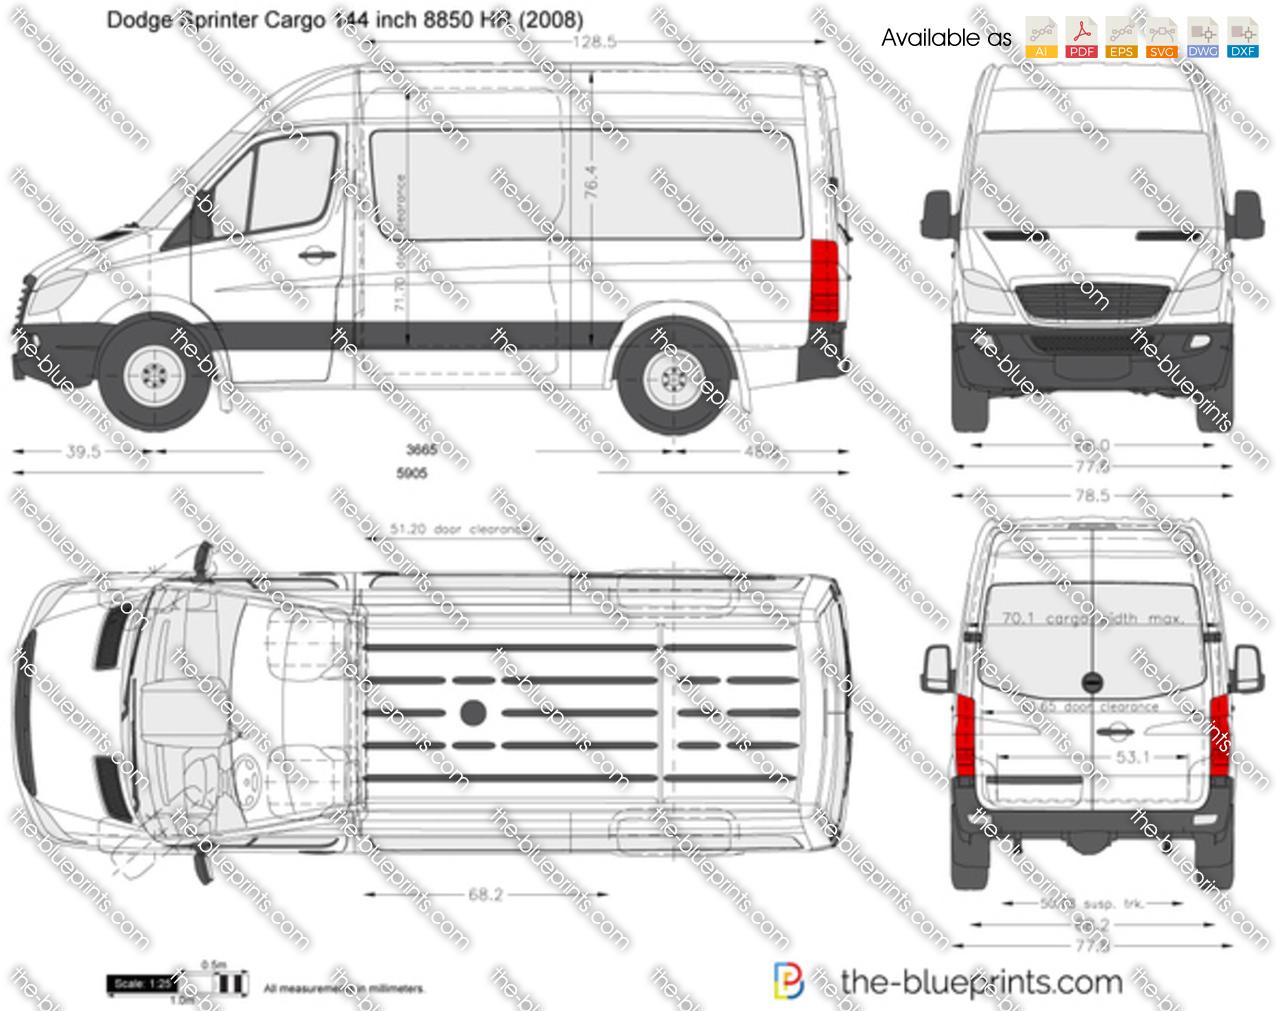 Dodge Sprinter Cargo 144 inch 8850 HR